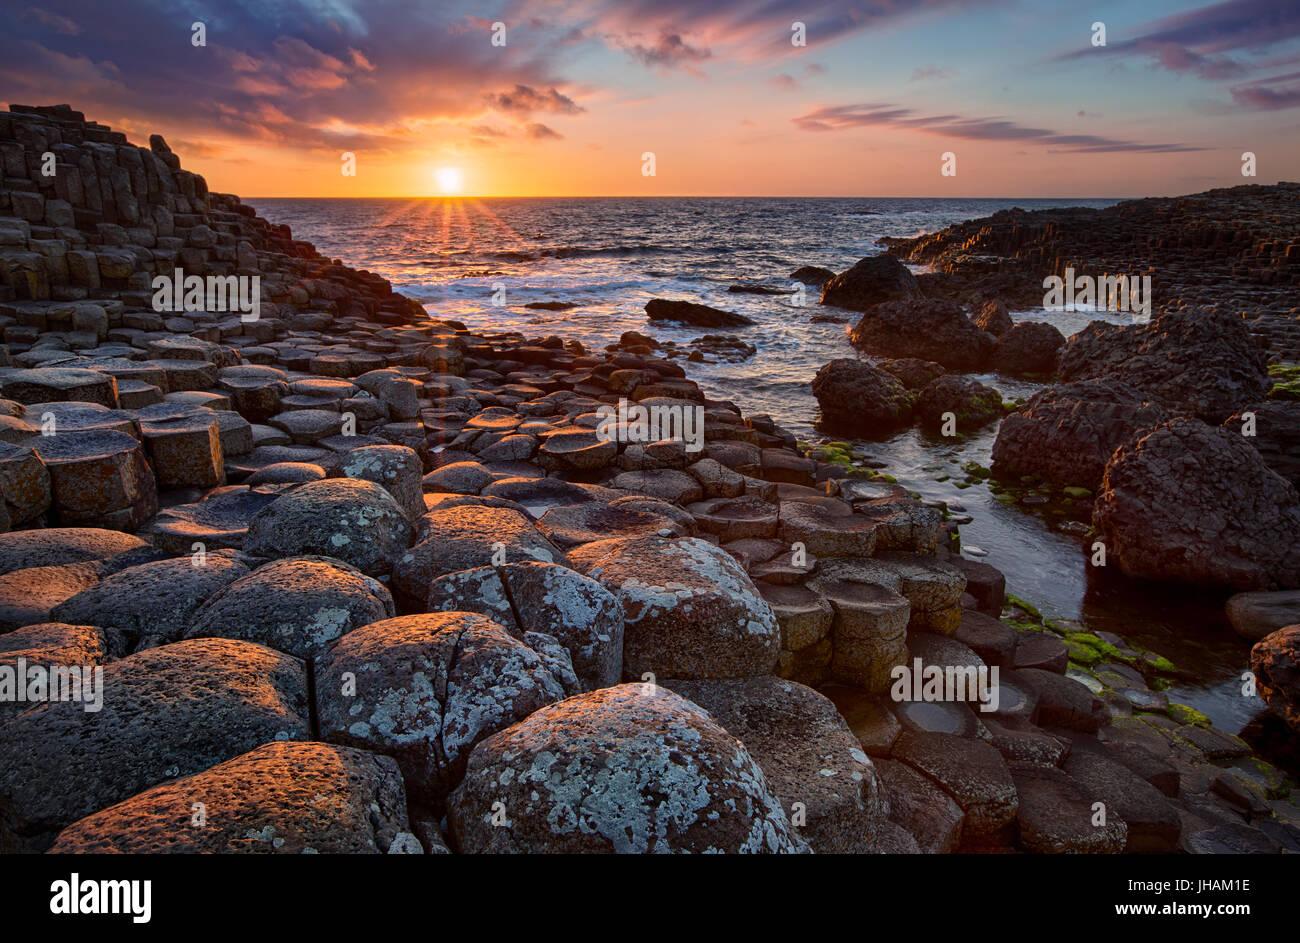 Tramonto su colonne di basalto Giant's Causeway, County Antrim, Irlanda del Nord Foto Stock